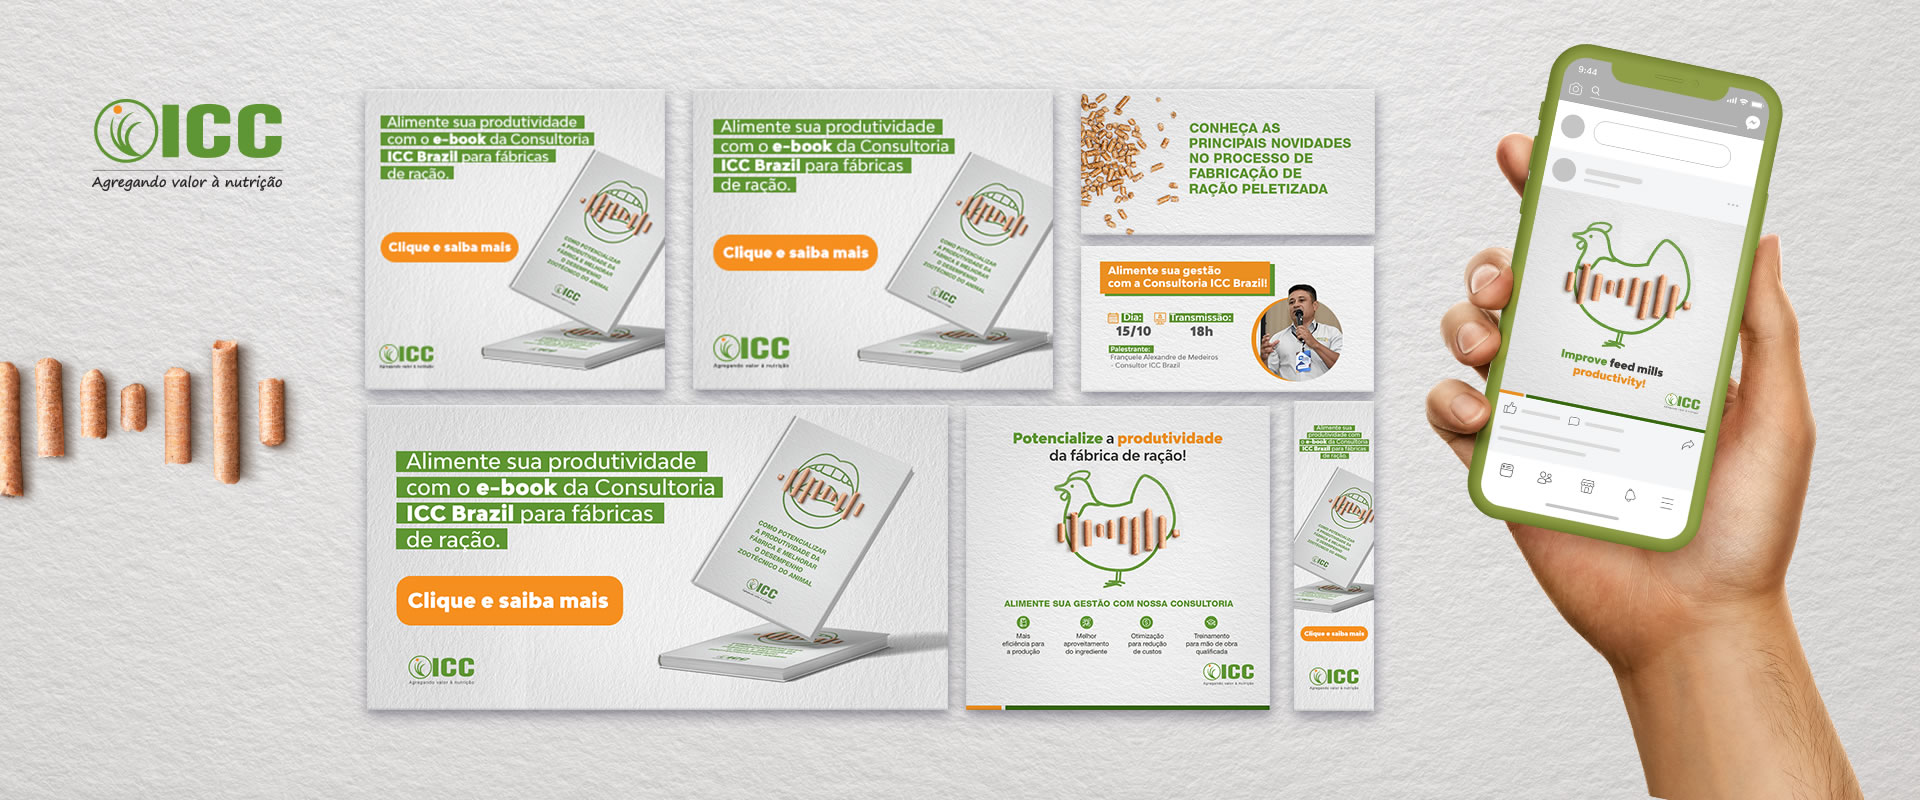 Gestão de marketing digital para um serviço da ICC Brazil.